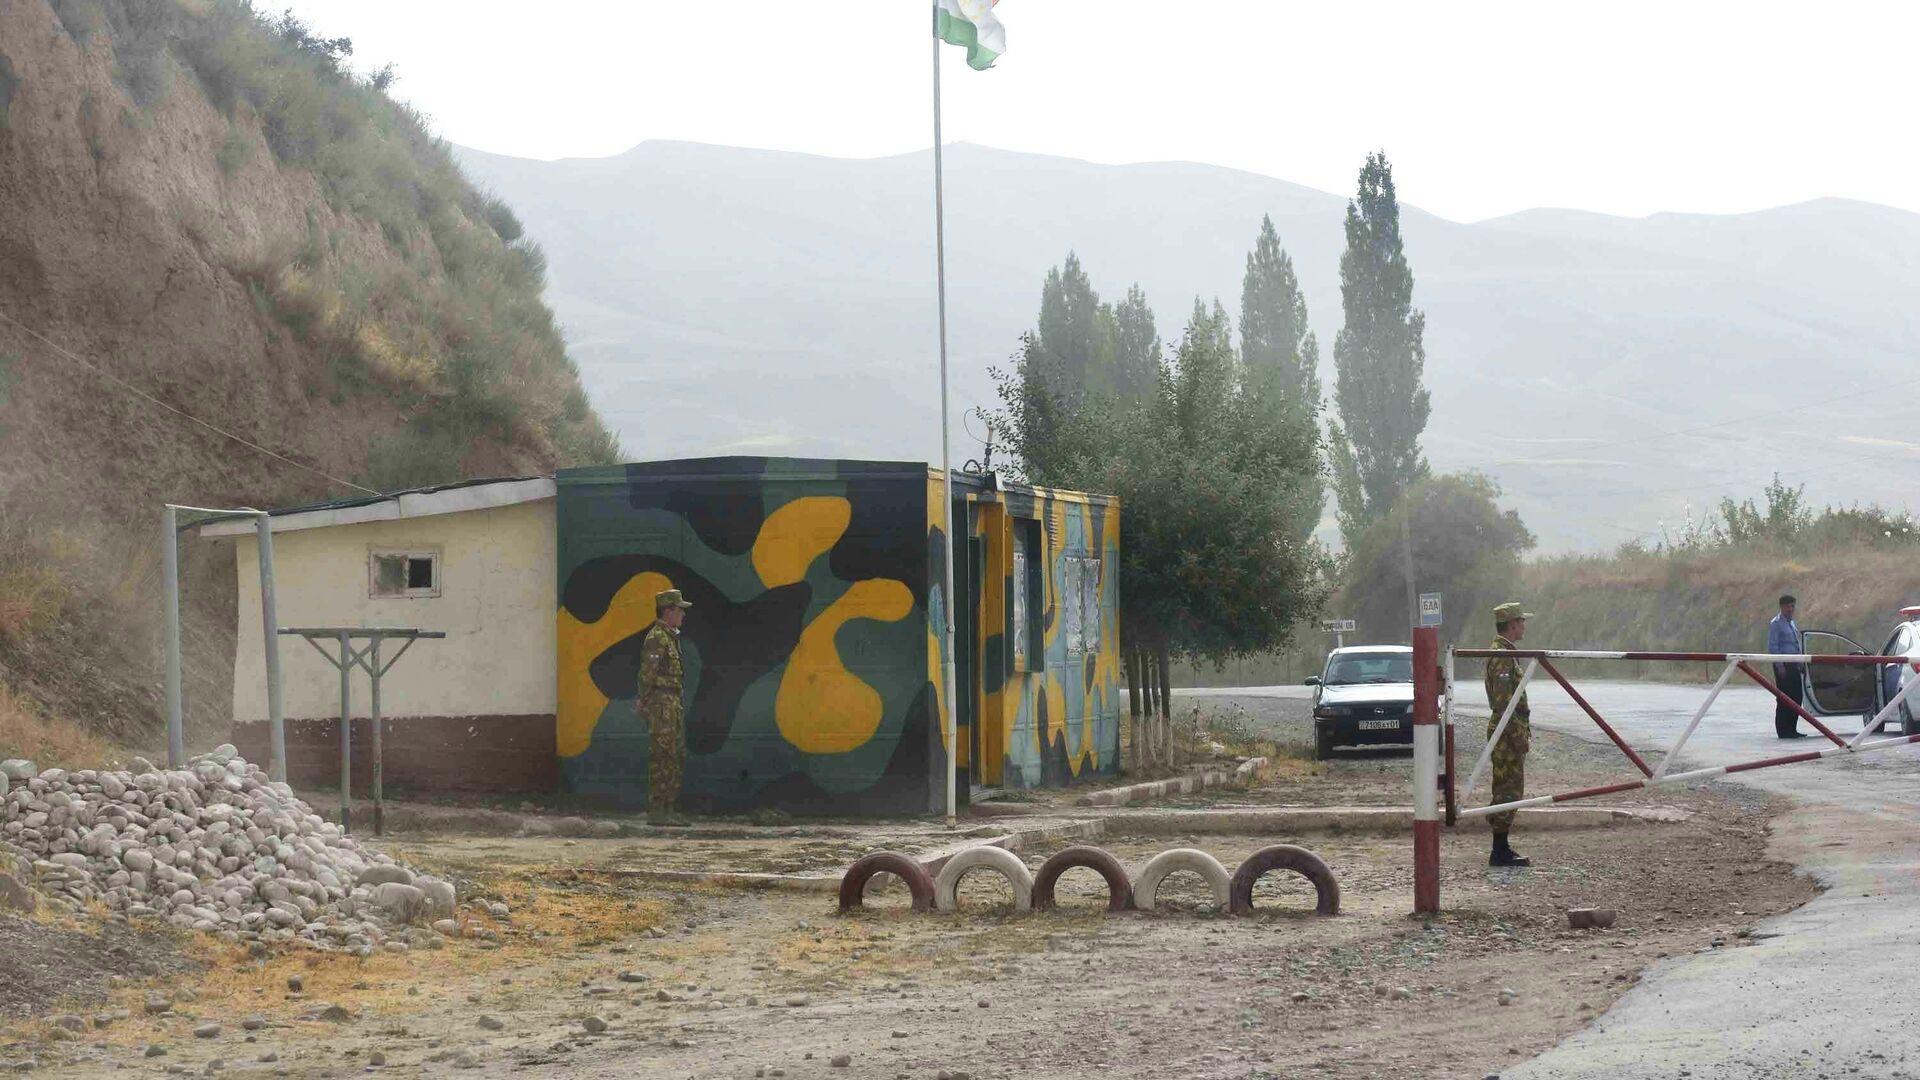 Пограничный пост между Таджикистаном и Афганистаном, архивное фото - Sputnik Тоҷикистон, 1920, 19.05.2021